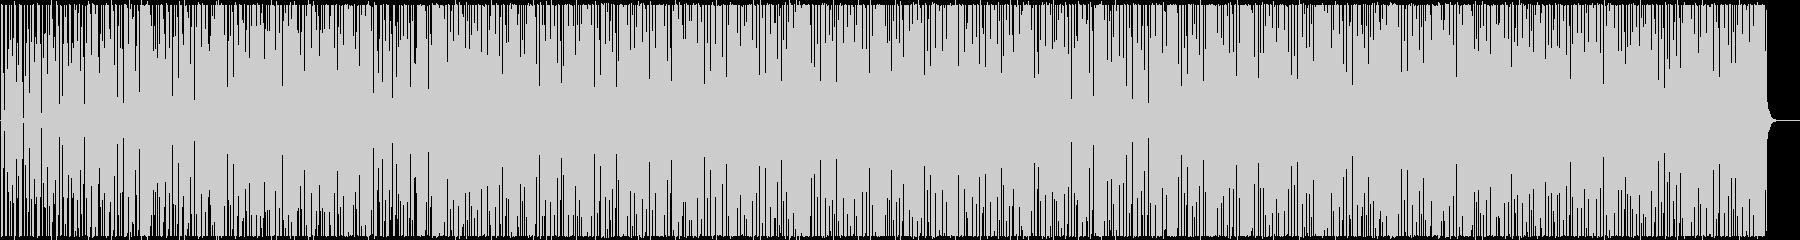 シンプルな生音系ファンク、ソウル。の未再生の波形